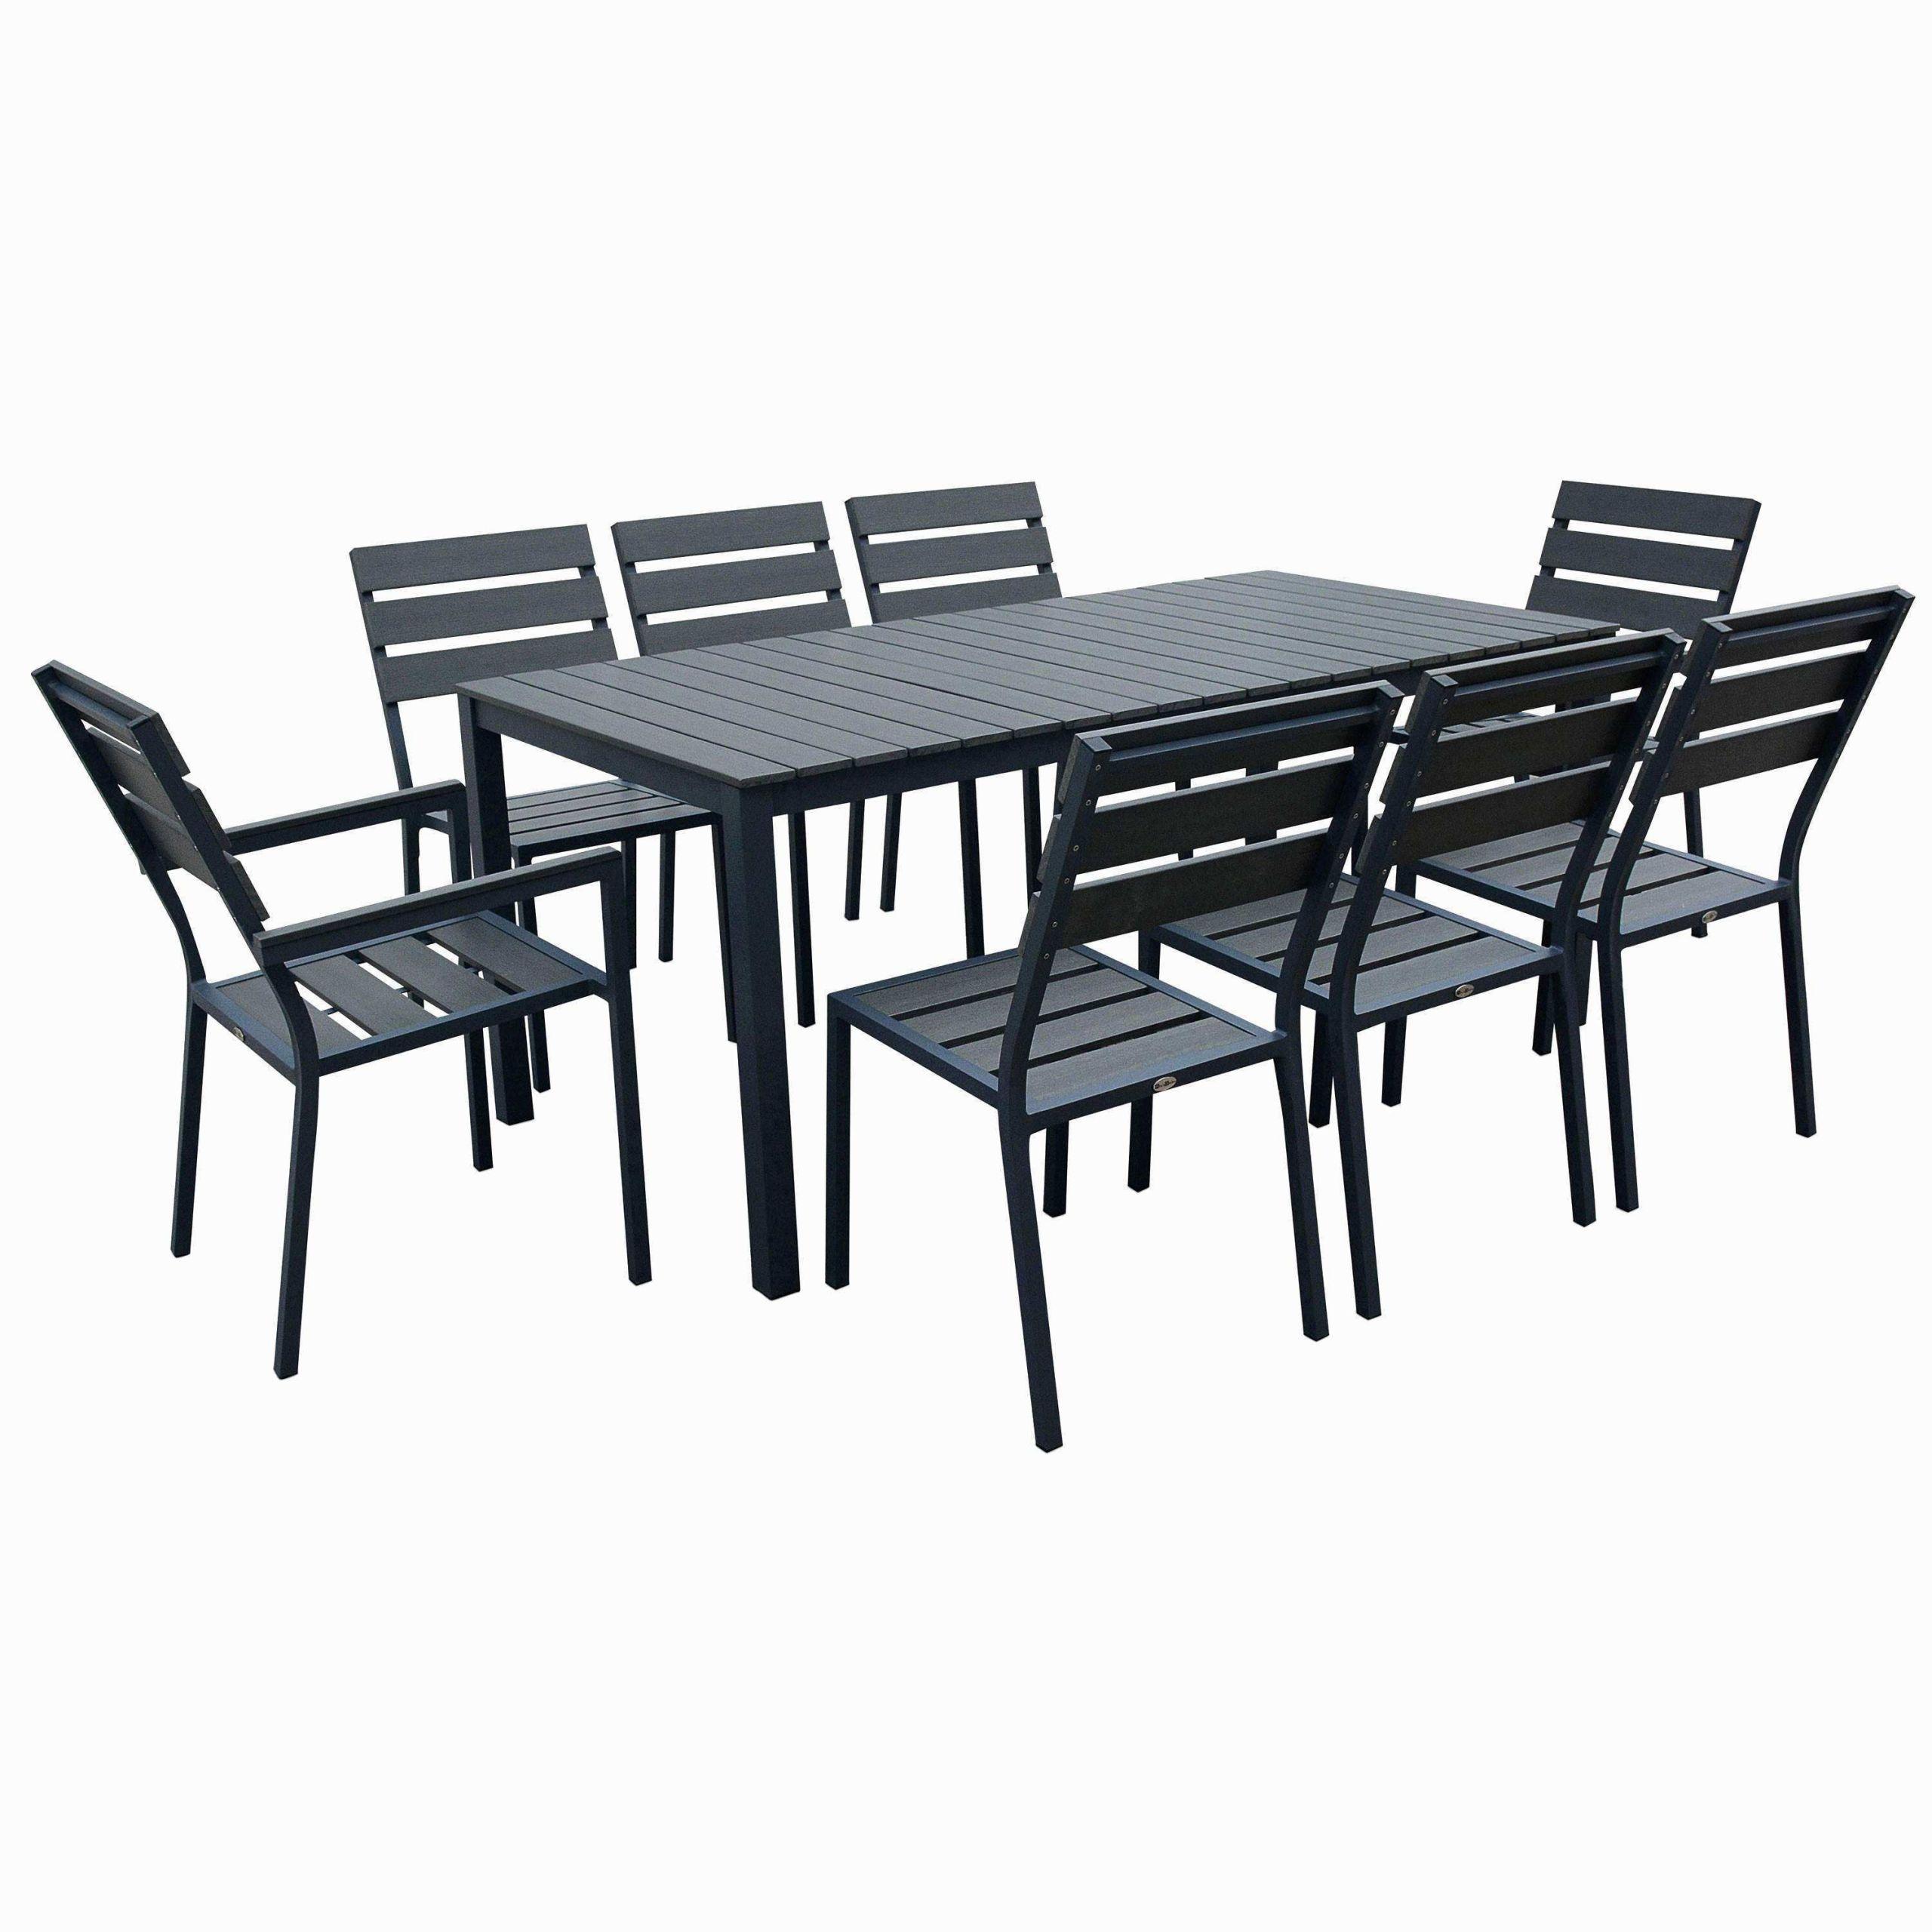 Table Chaise Terrasse Élégant Table Terrasse Pas Cher ... encequiconcerne Salon De Jardin En Métal Pas Cher